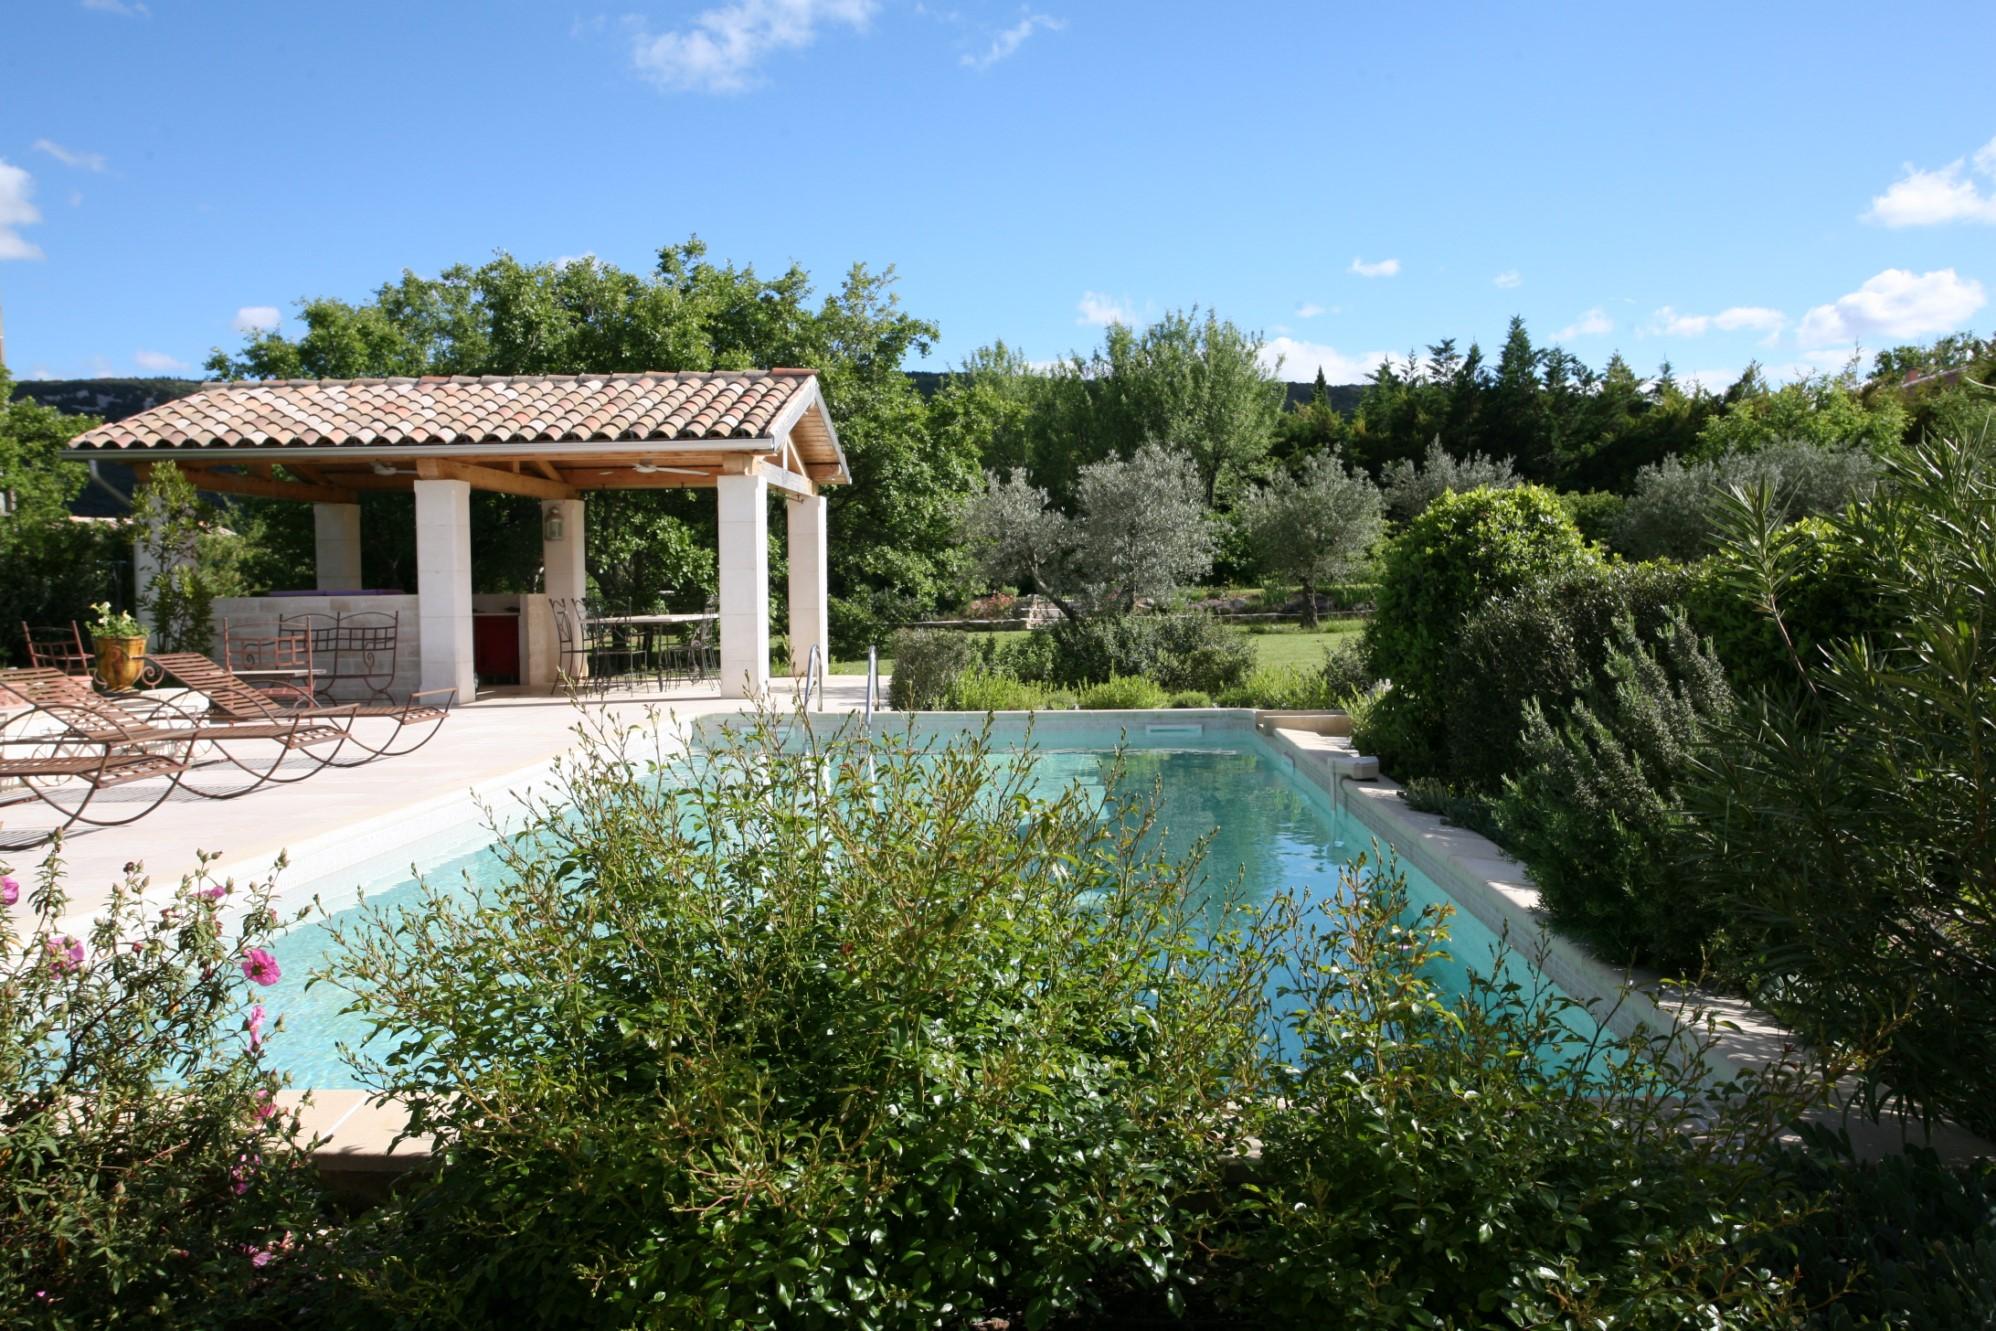 Maison avec piscine à vendre par l'Agence Rosier